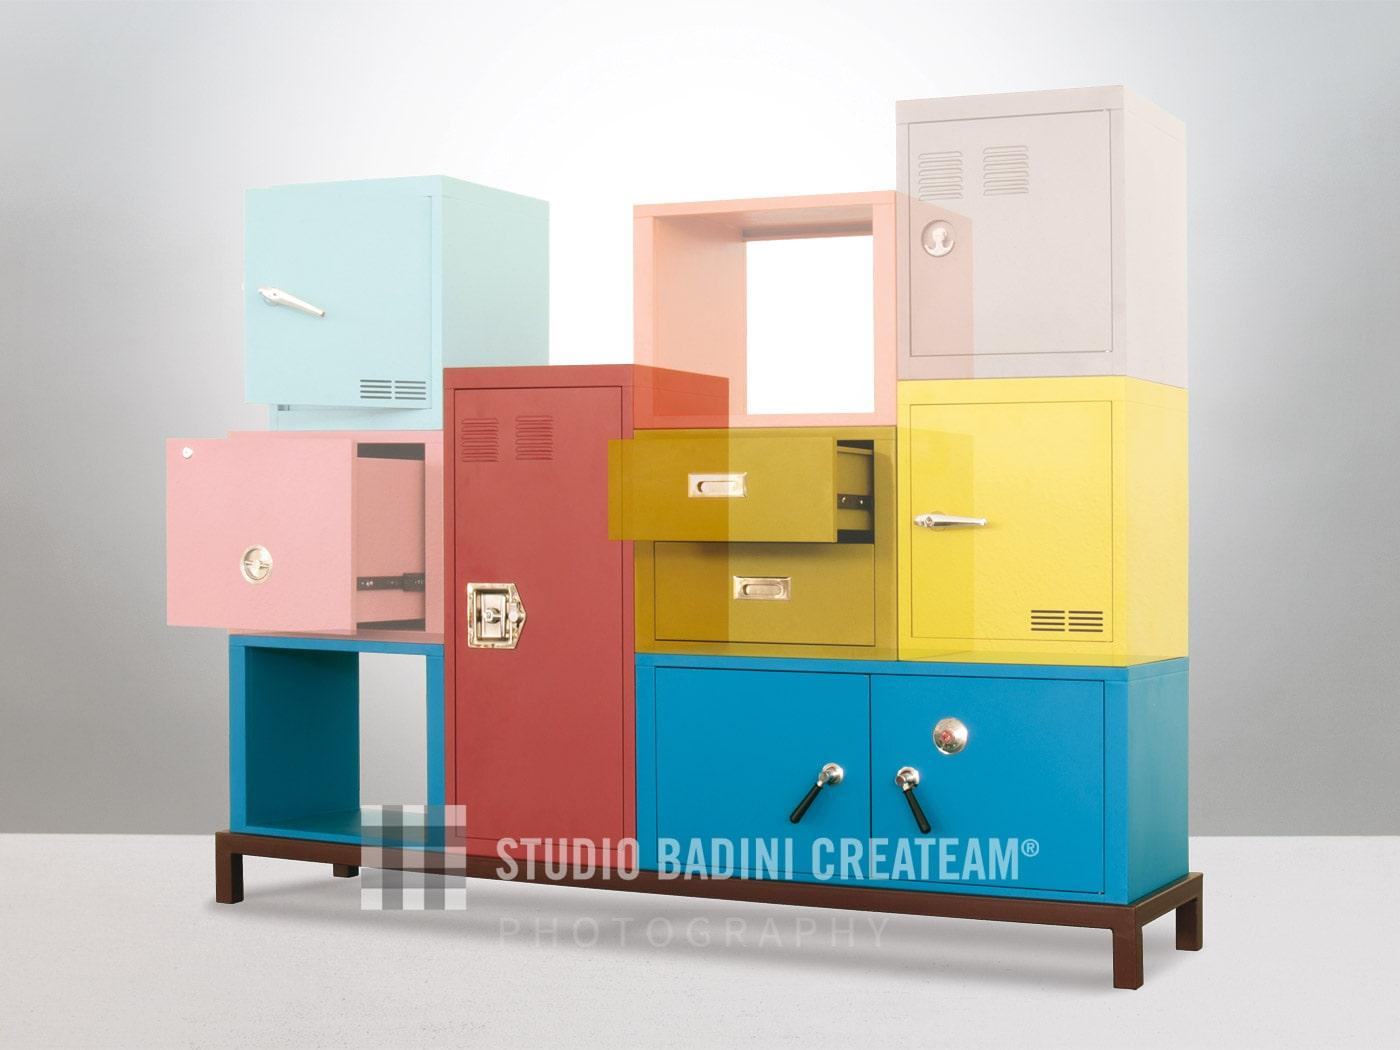 Badini Creative Studio - fotografia - seletti - stack